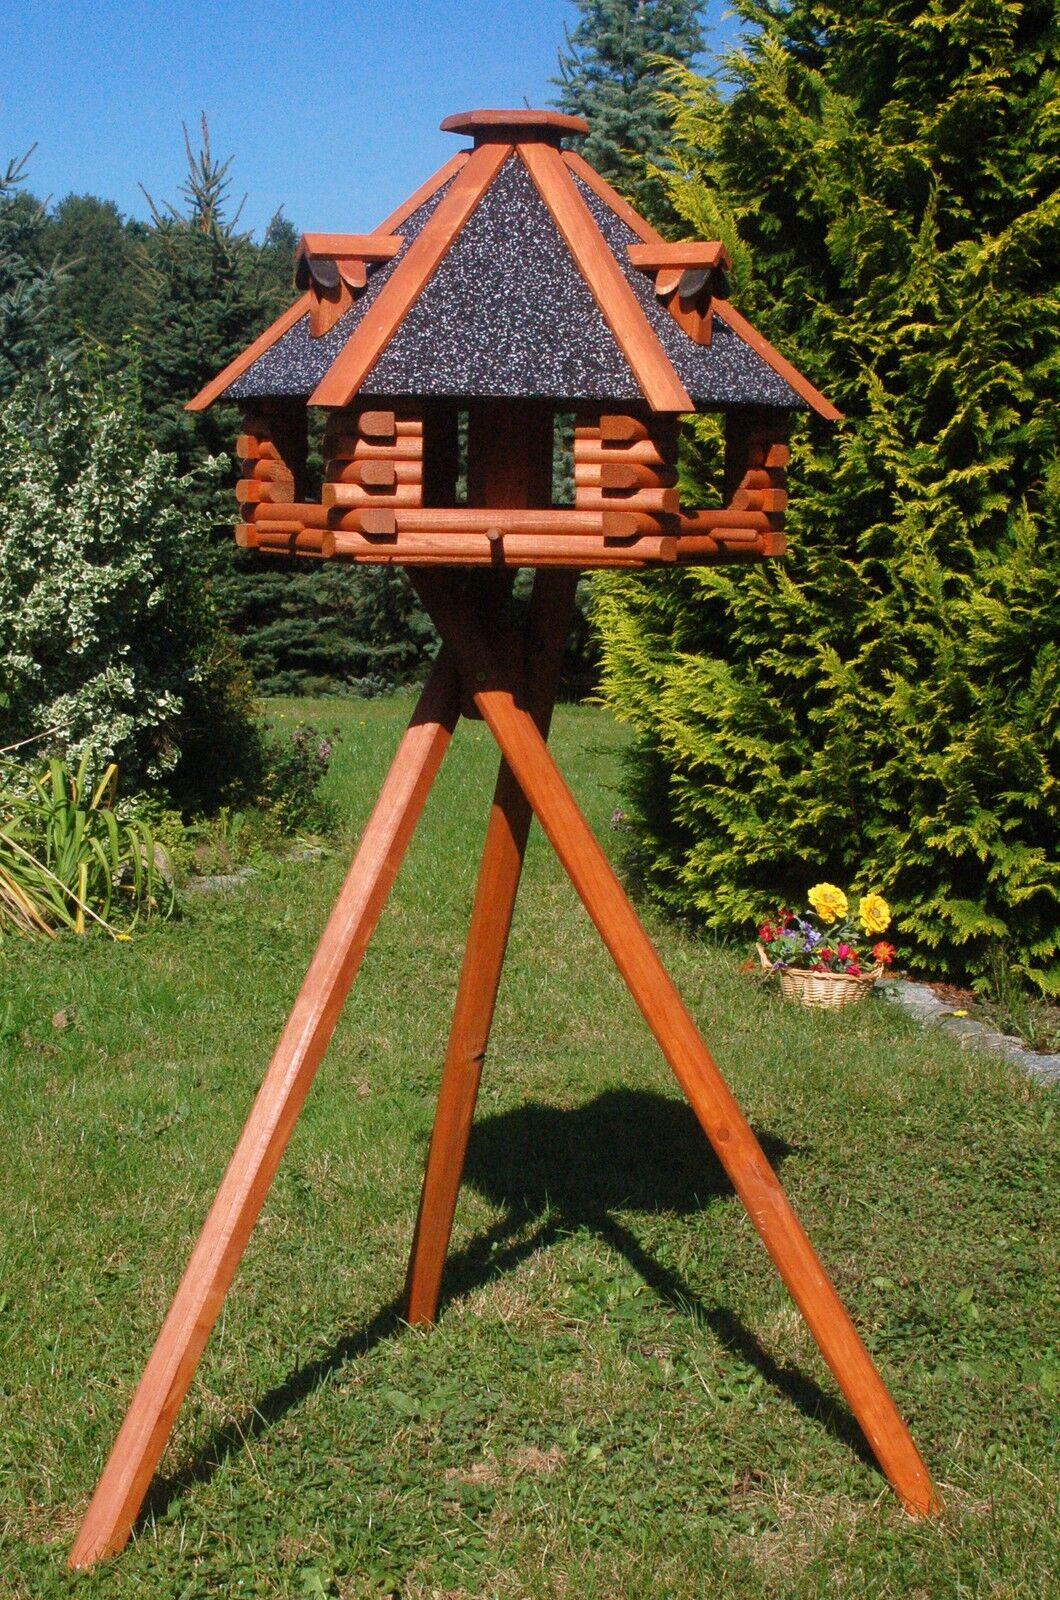 LUSSO XXL Casetta Casa mangime con supporto 70x45 cm v13s con tetto struttura intonaco